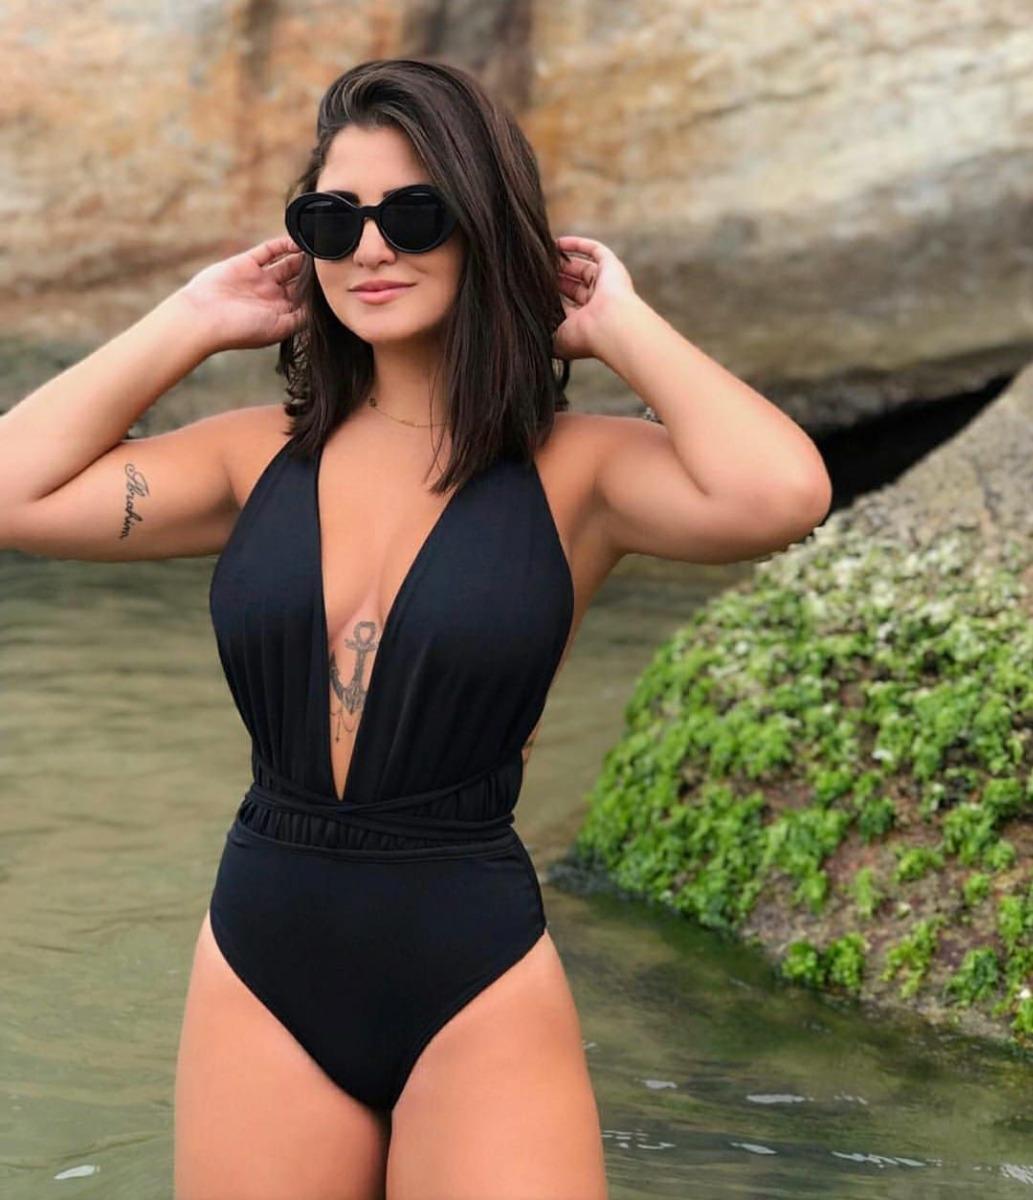 504ce1bbb Maiô , Body, Com Bojo Moda Praia Verão 2018 Lançamento - R$ 120,00 ...